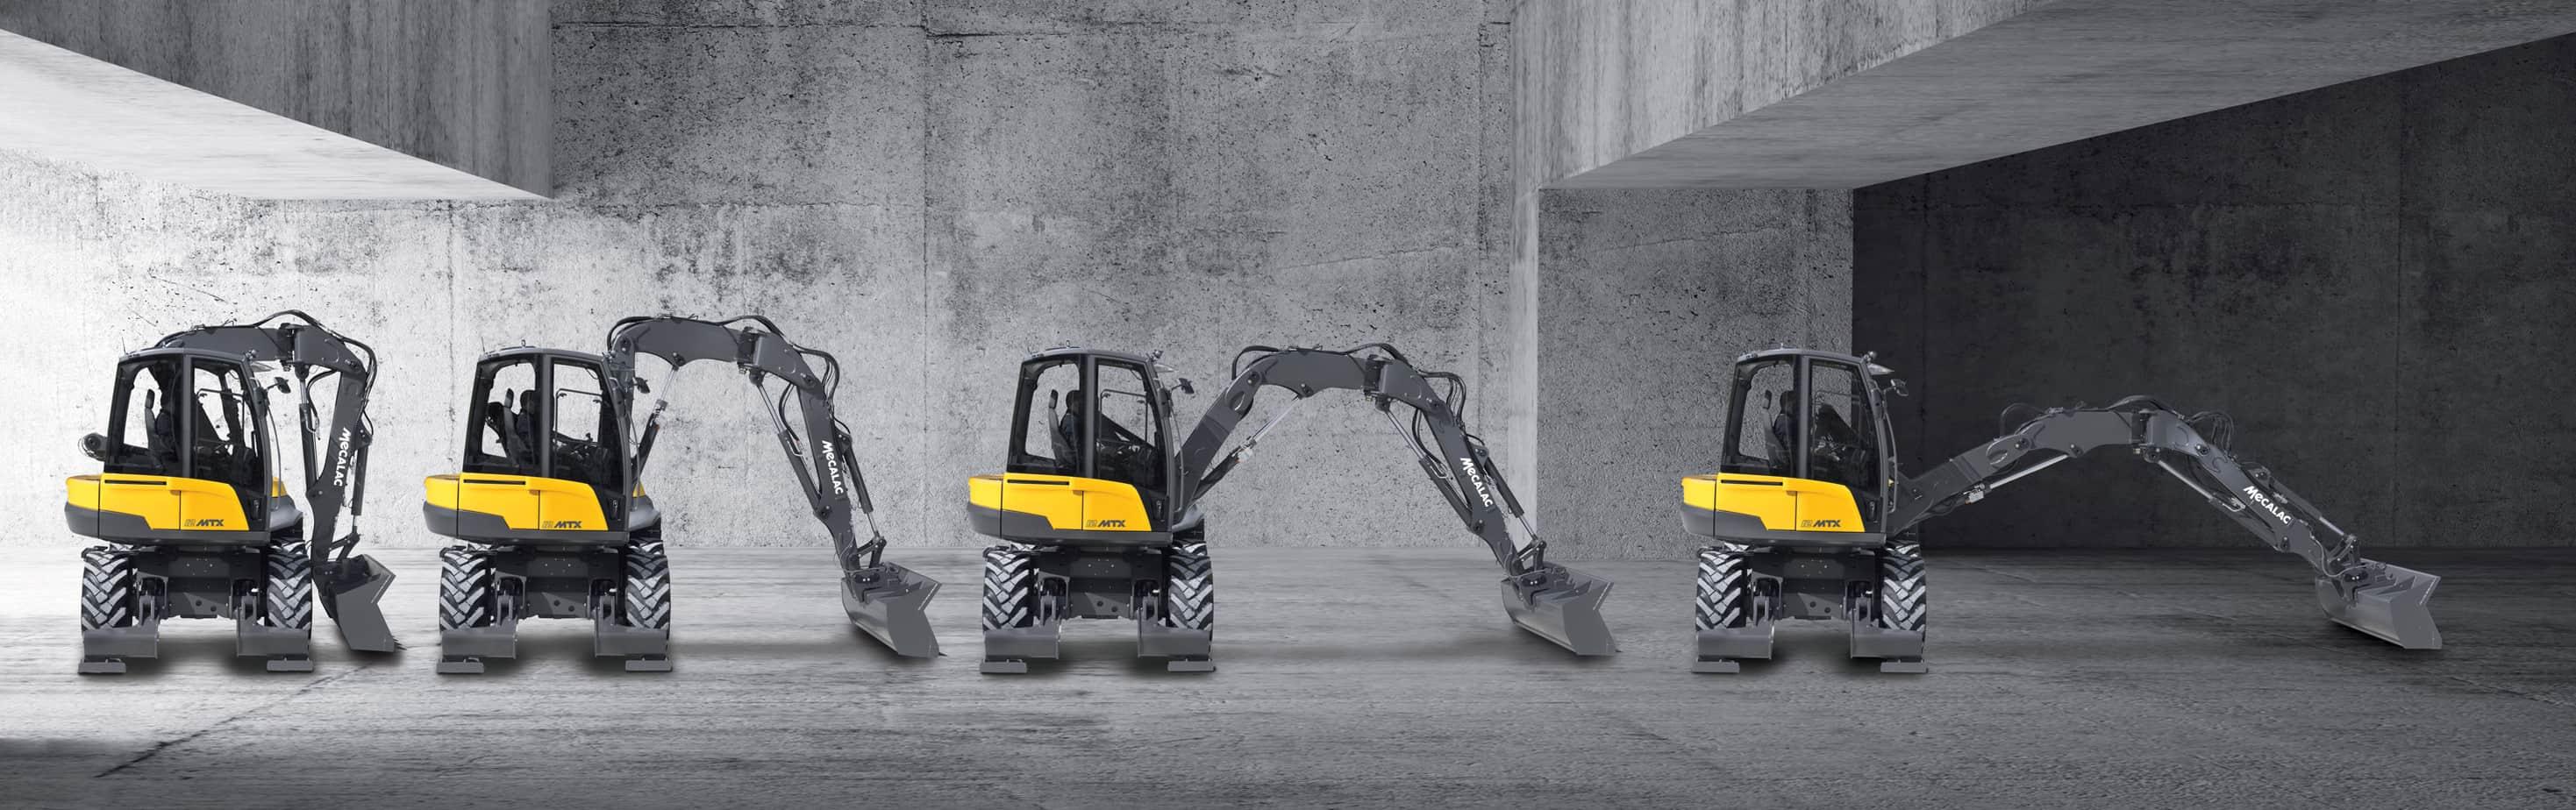 In una sola macchina si ha un escavatore, un caricatore, un sollevatore e un porta-attrezzi: le capacità di ciascuna di queste funzioni si moltiplicano